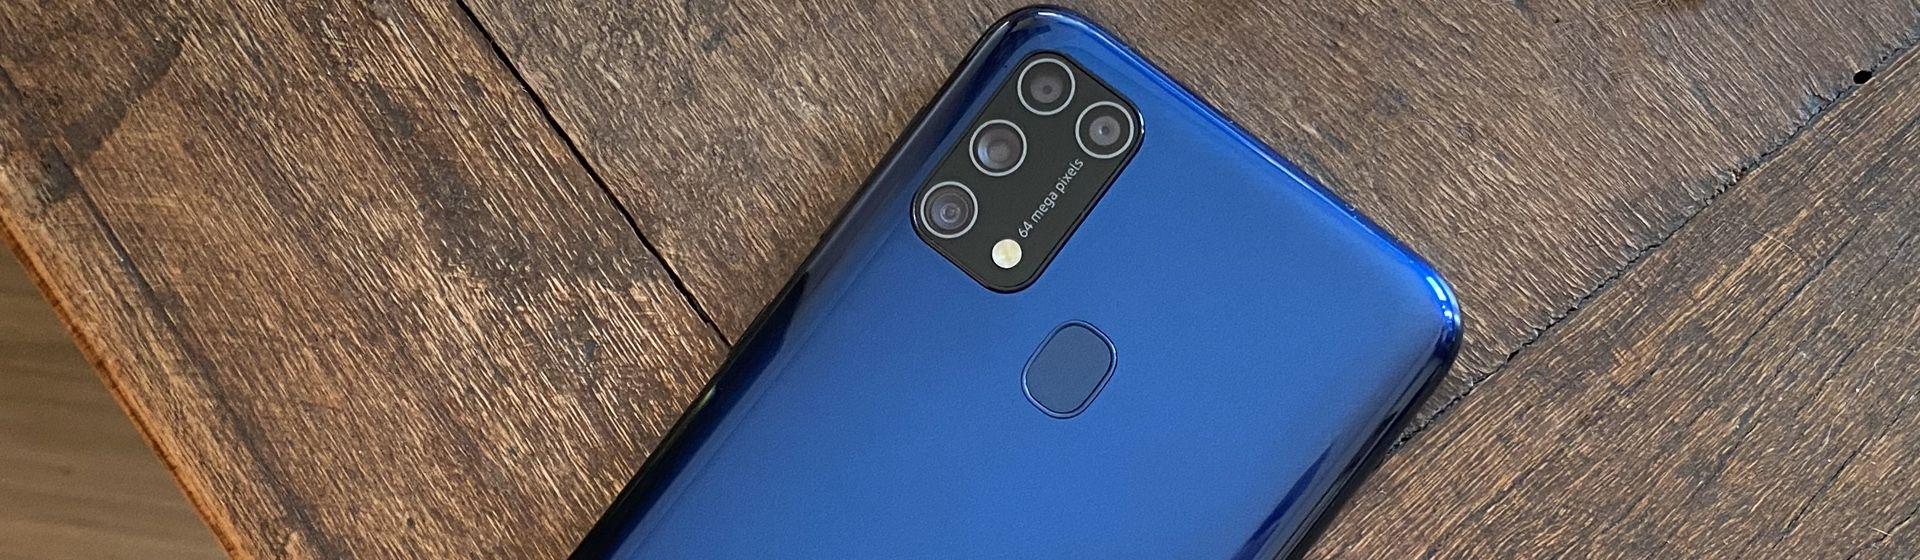 Samsung Galaxy M31 chega ao Brasil com bateria de 6.000 mAh e 6 GB de RAM